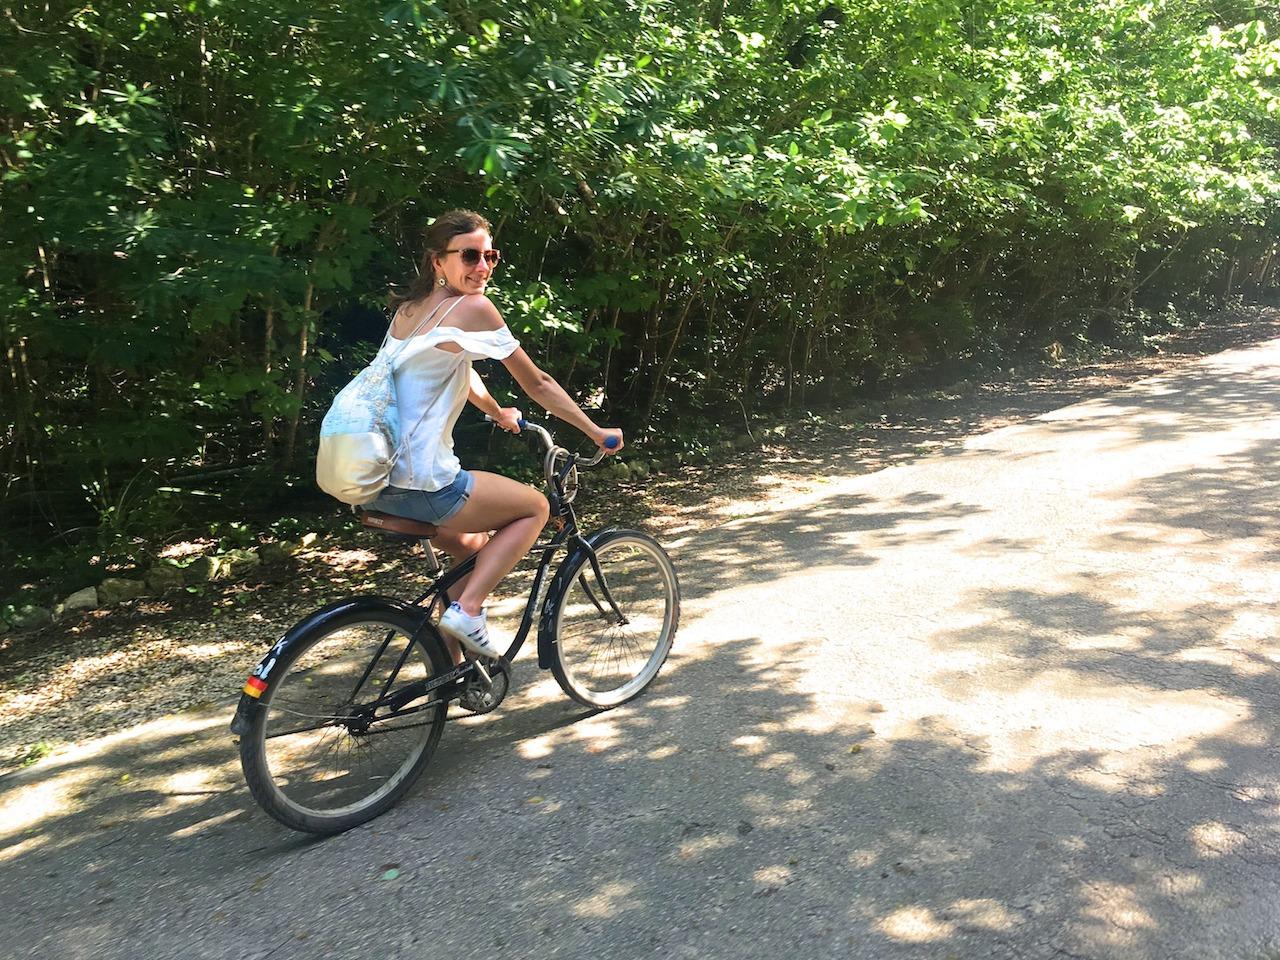 Meine Lieblingsfortbewegungsart in Tulum war ganz klar das Fahrrad!